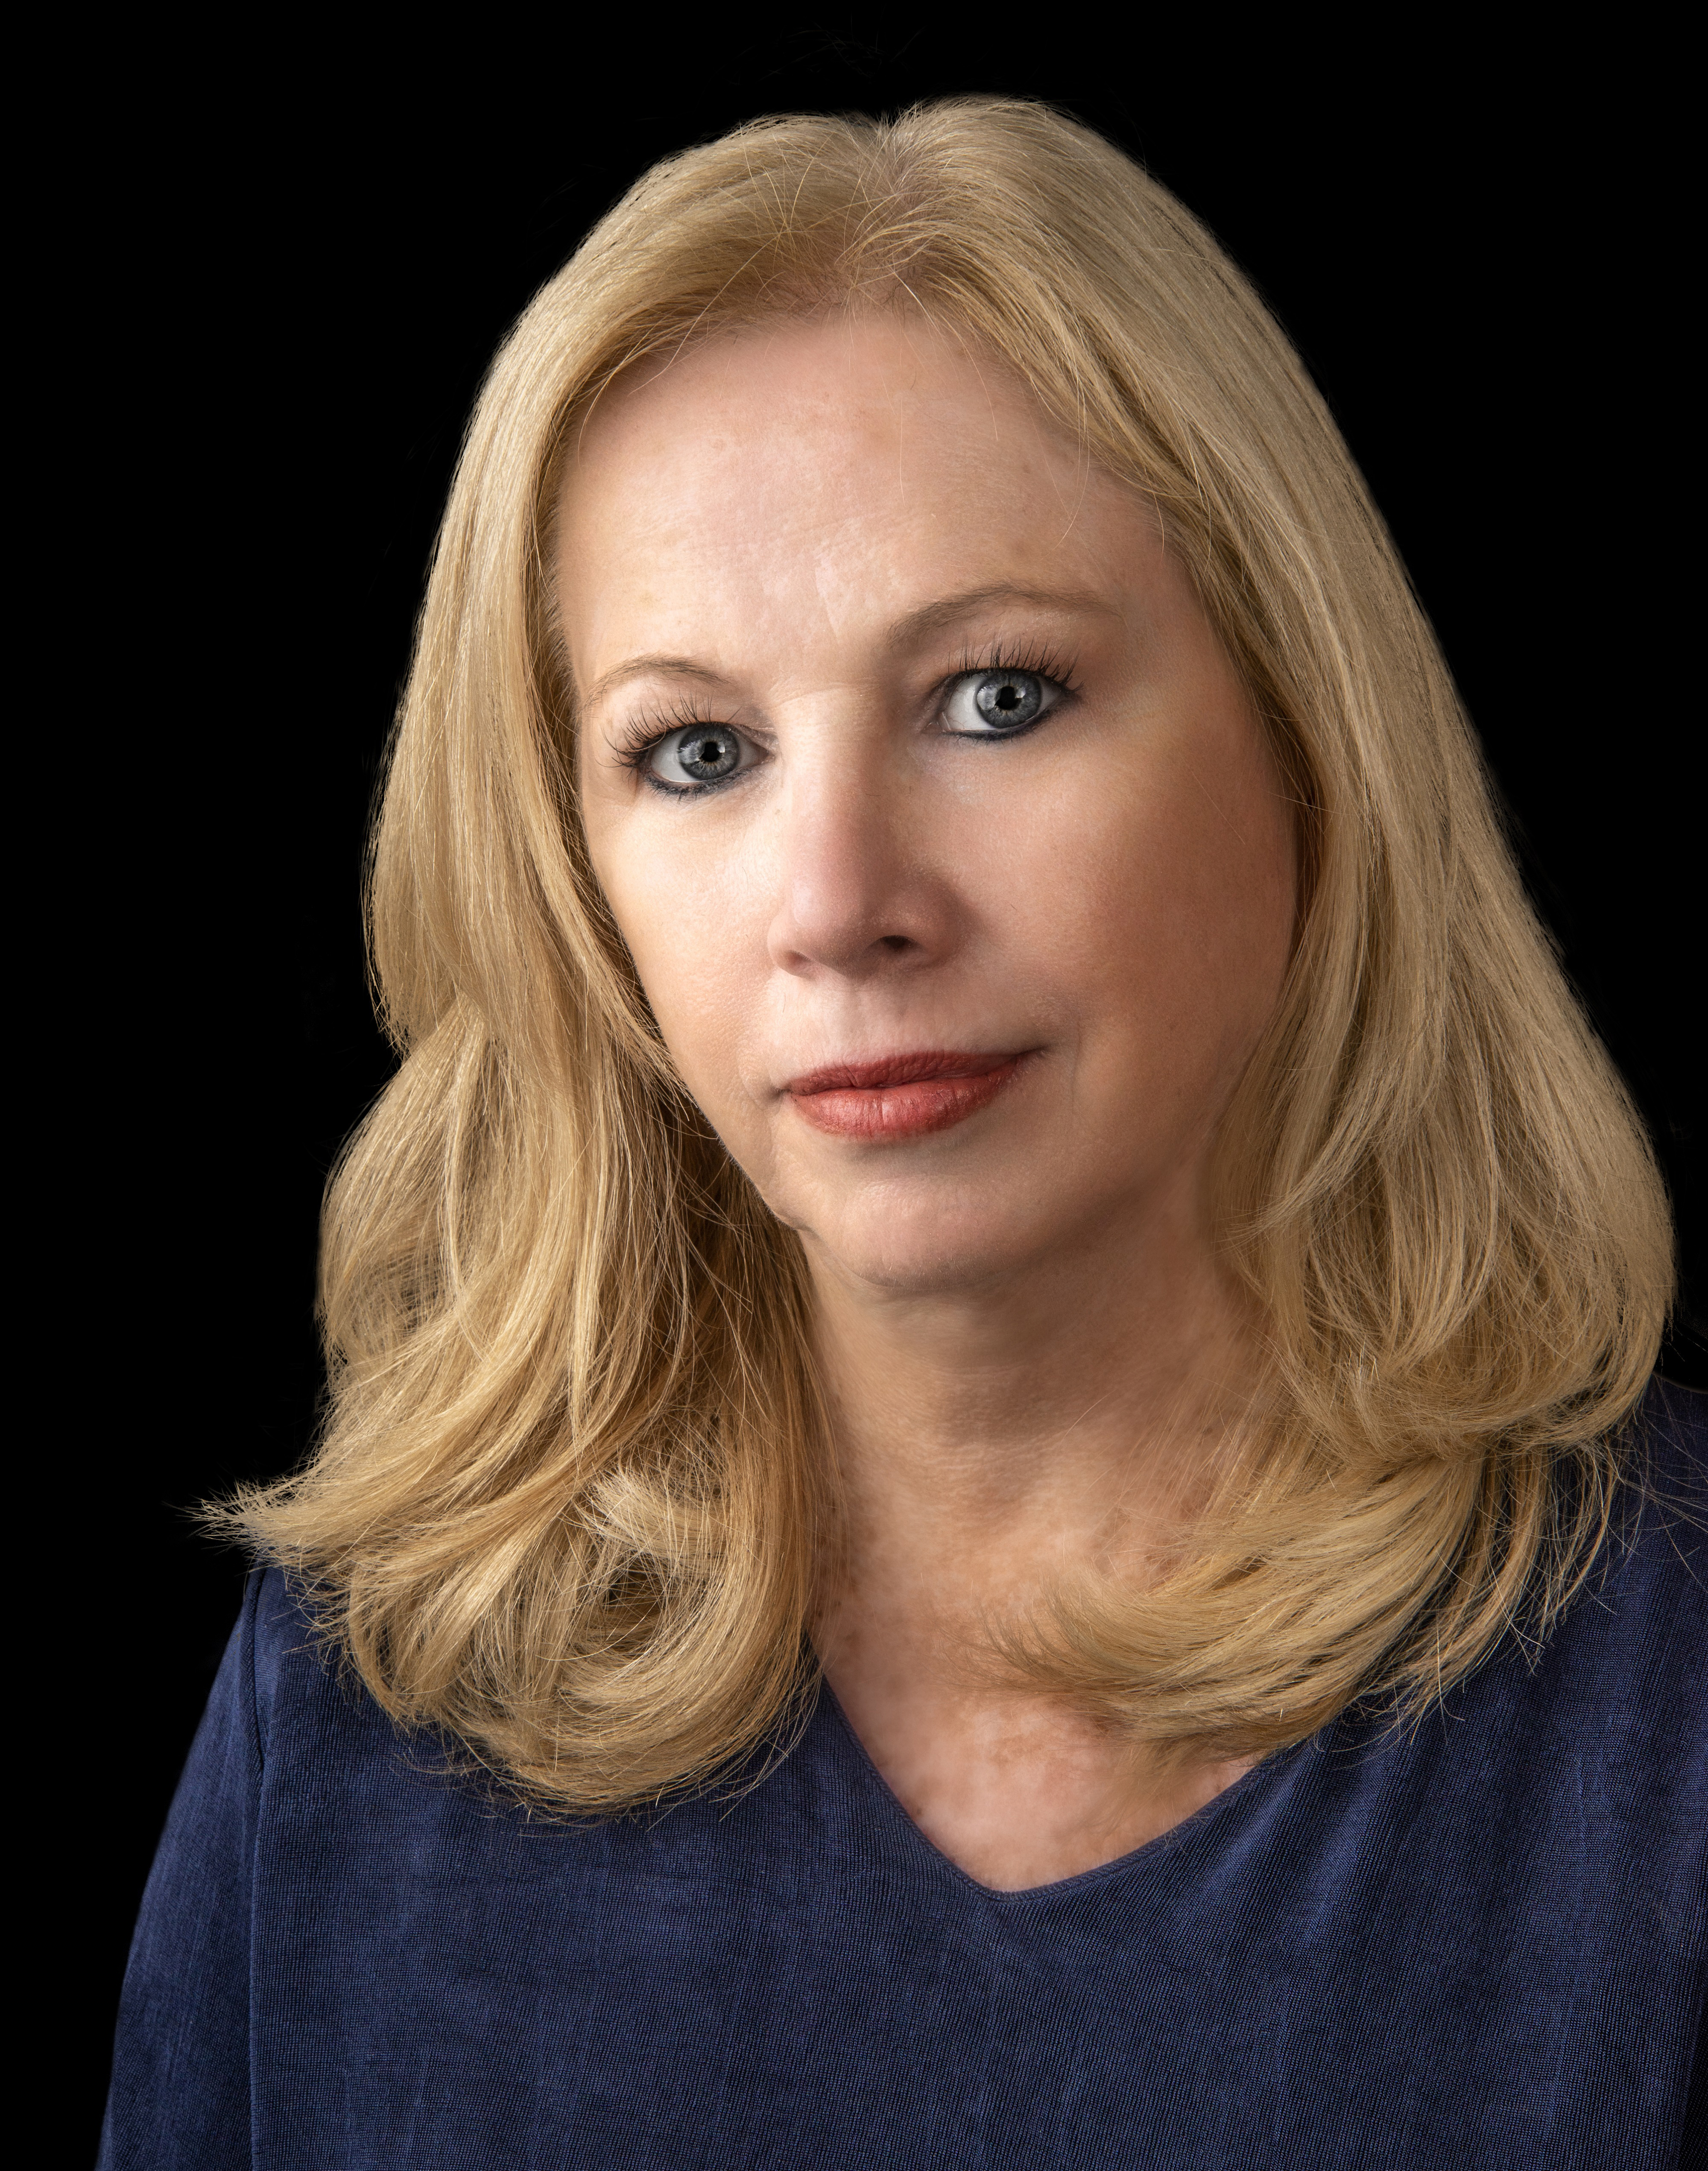 Deborah Morfis